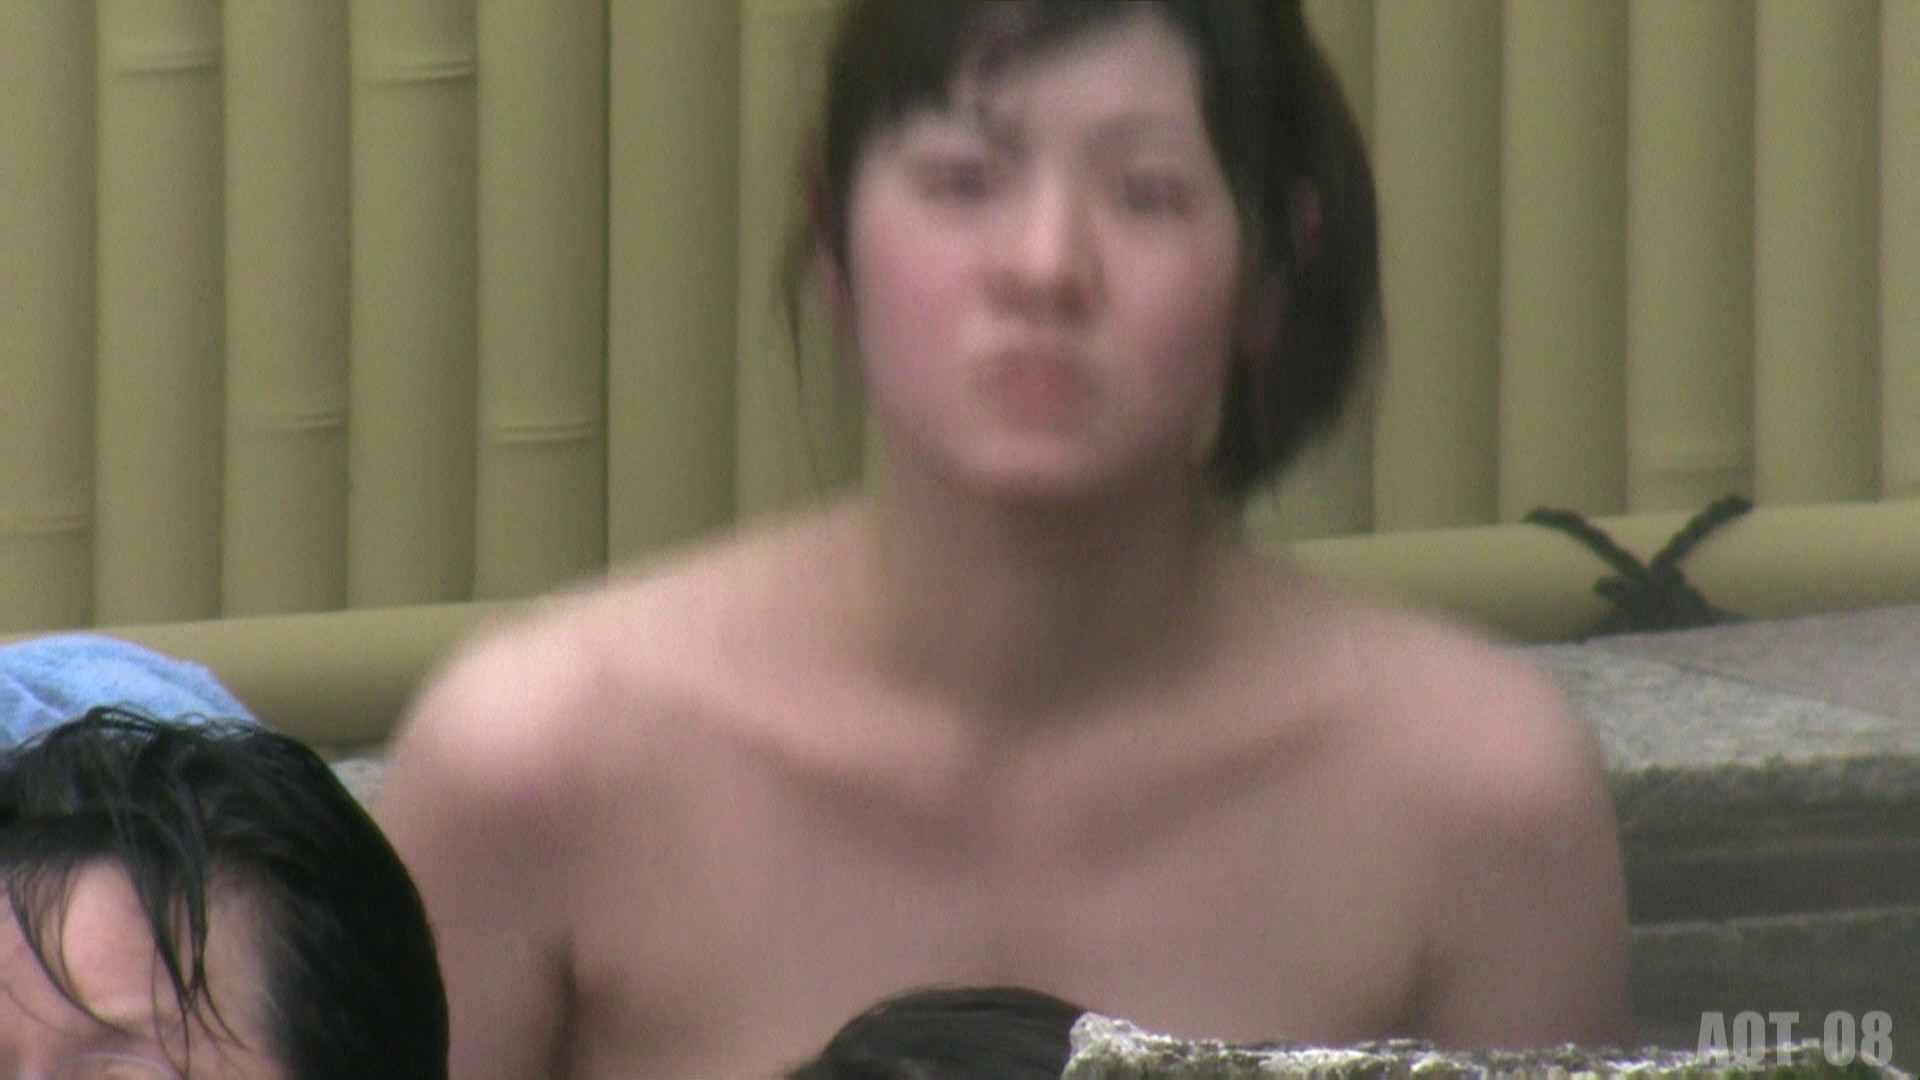 Aquaな露天風呂Vol.774 美しいOLの裸体 | 盗撮師作品  78pic 49